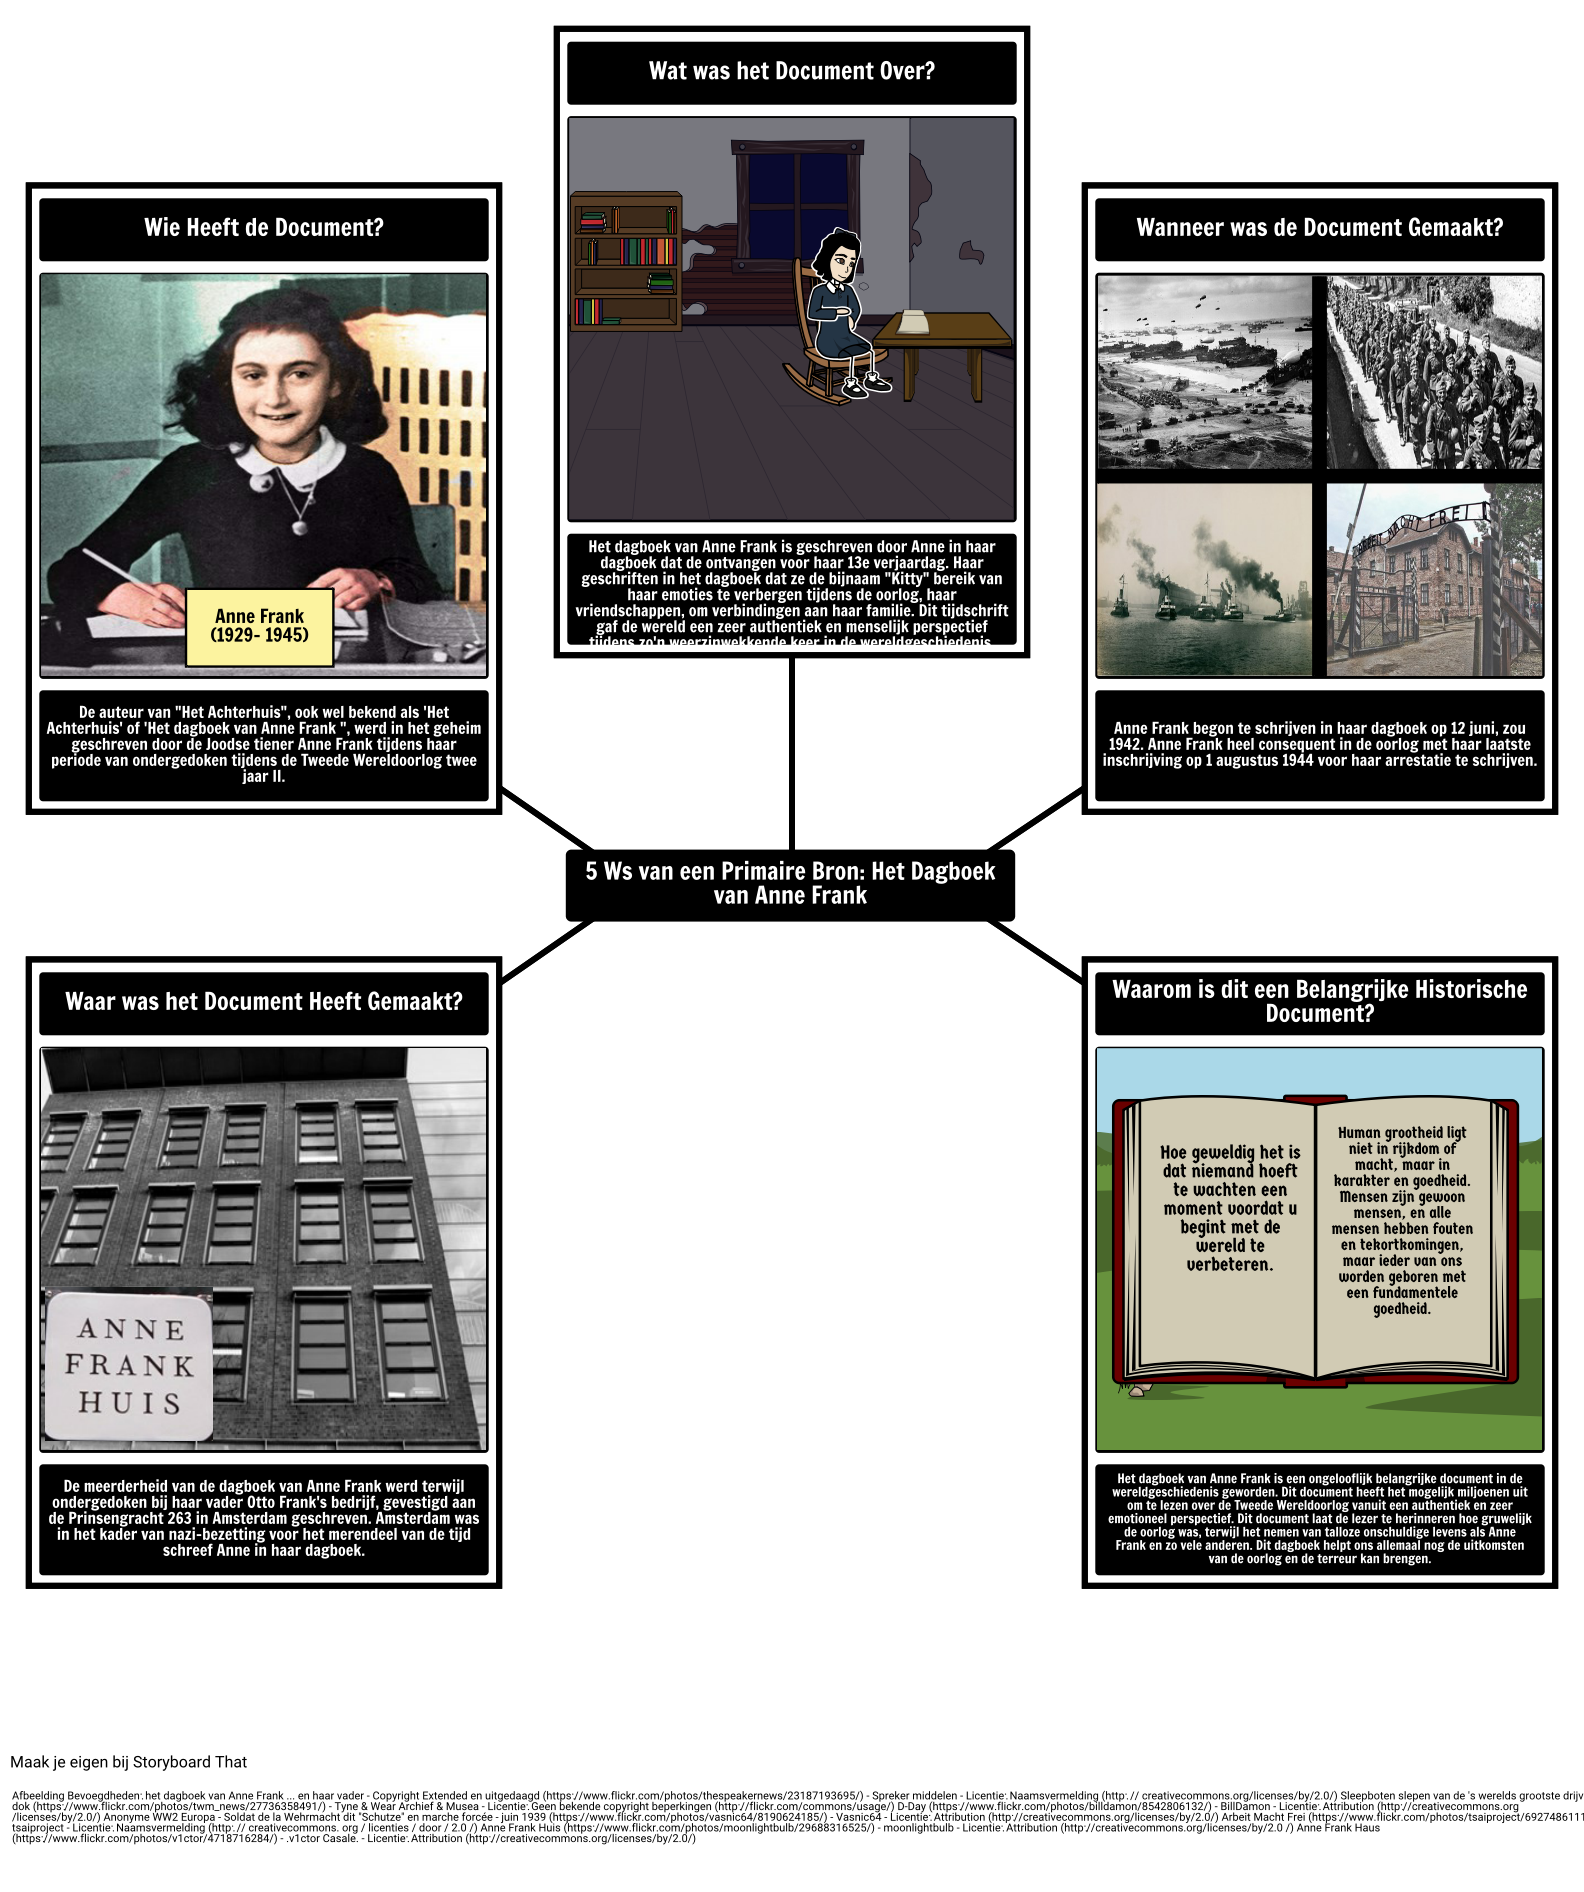 Primaire bron 5Ws: Het dagboek van Anne Frank